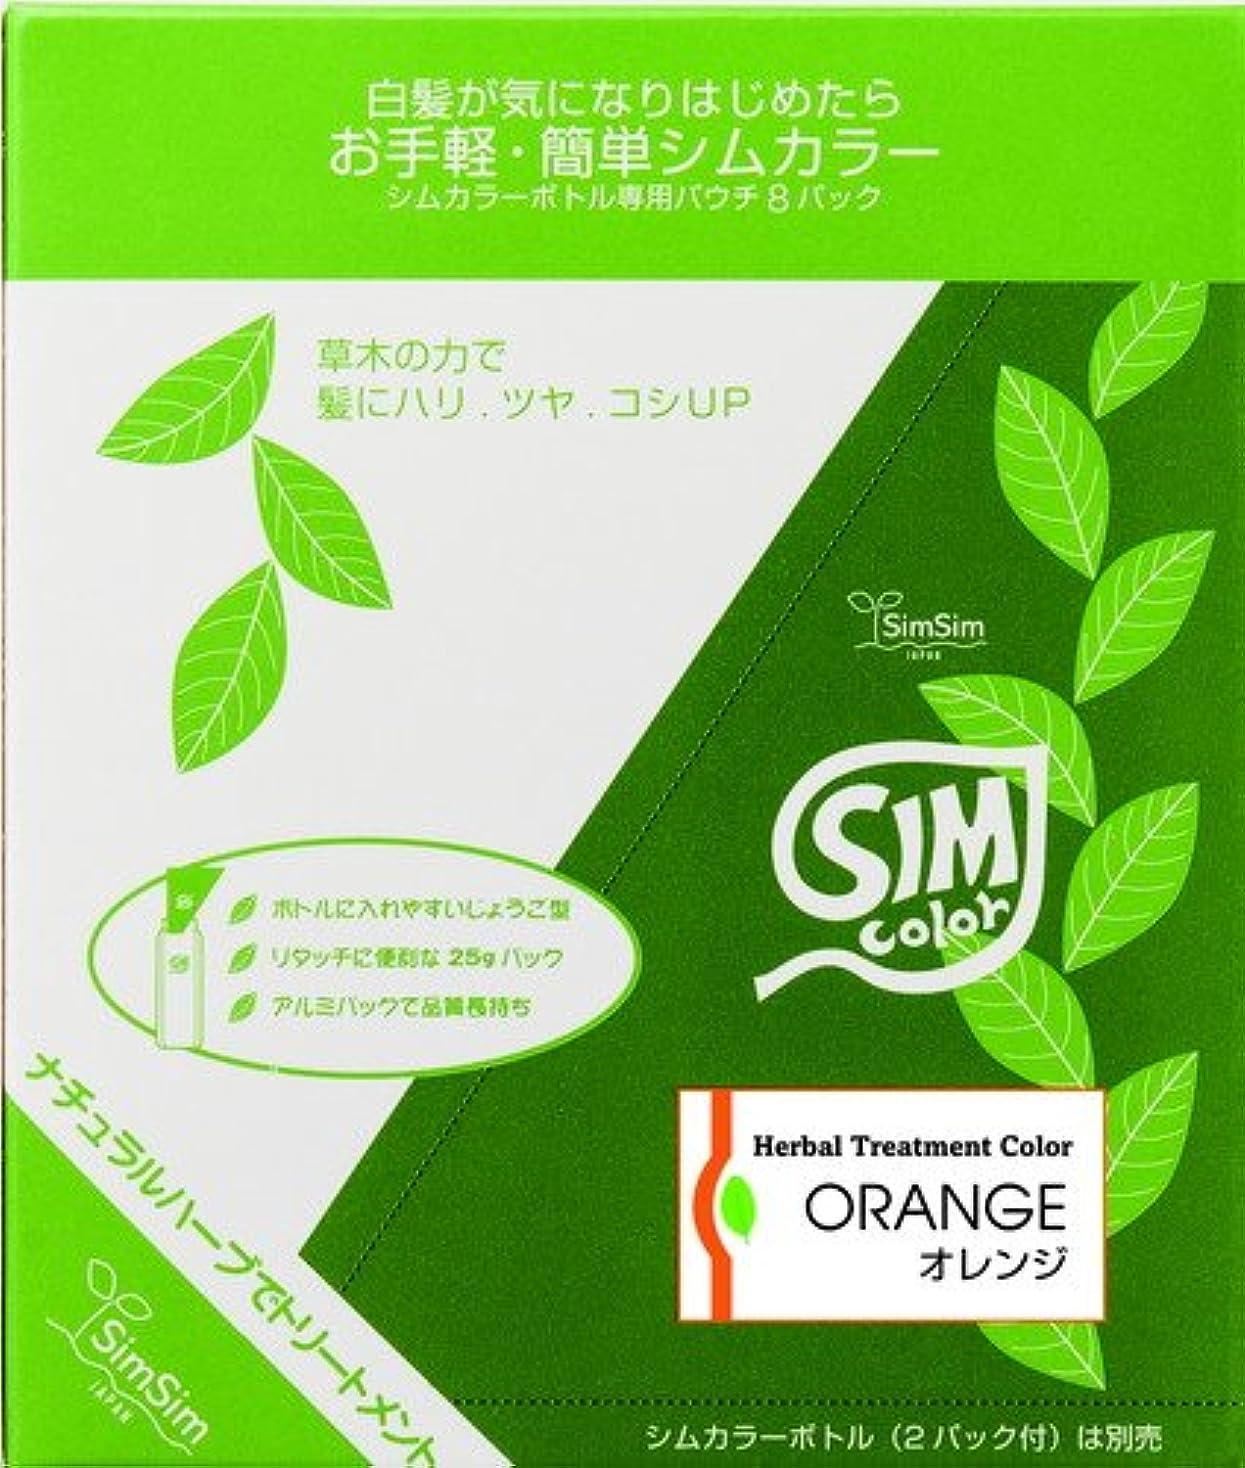 目指すラジエーター有益SimSim(シムシム)お手軽簡単シムカラーエクストラ(EX)25g 8袋 オレンジ